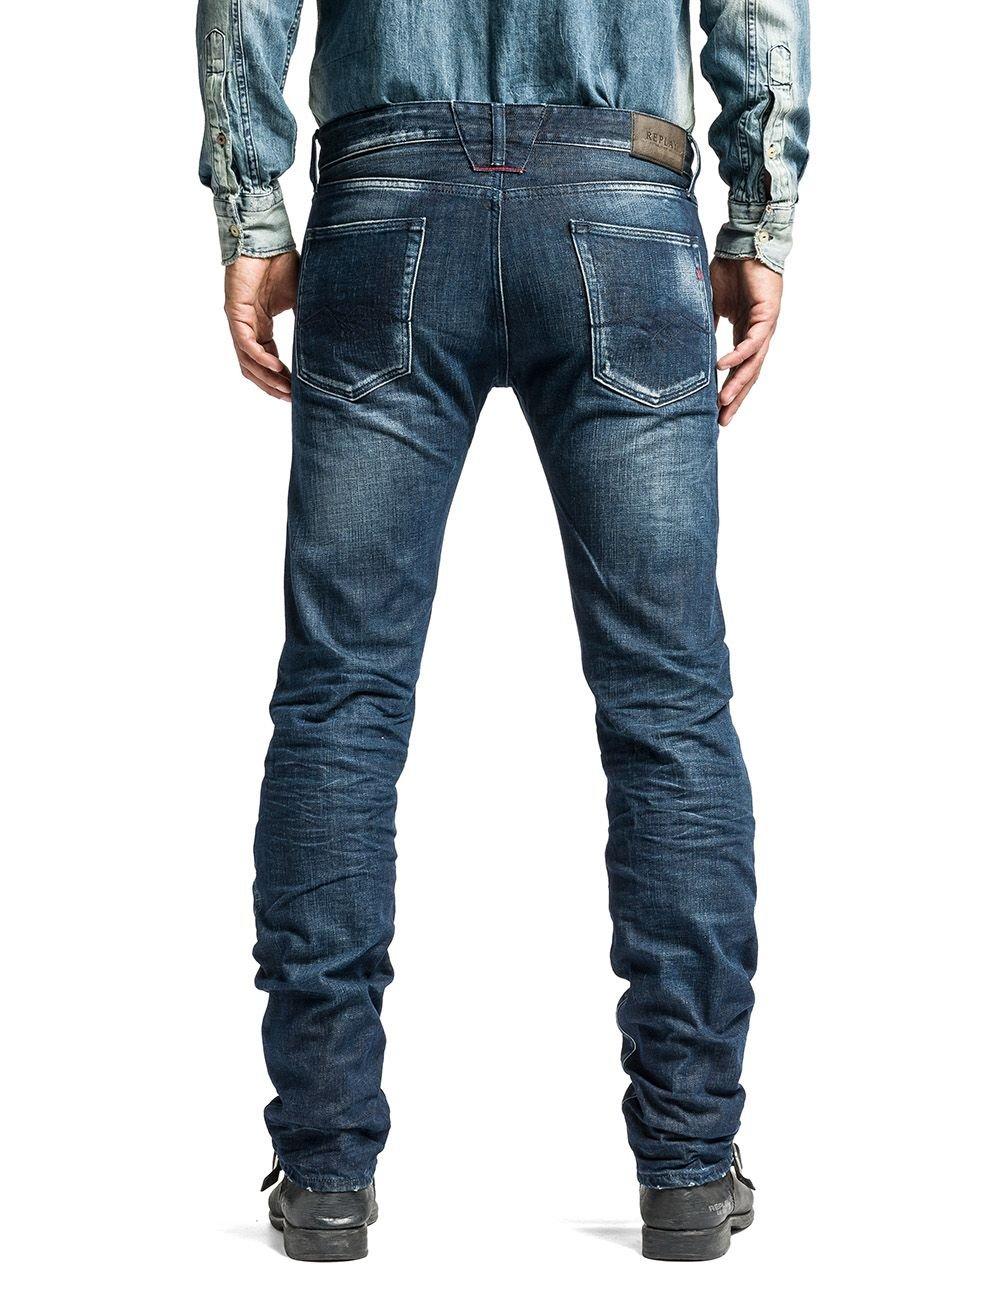 replay lenrick denim jeans regular slim fit in blue for men denim dark wash lyst. Black Bedroom Furniture Sets. Home Design Ideas